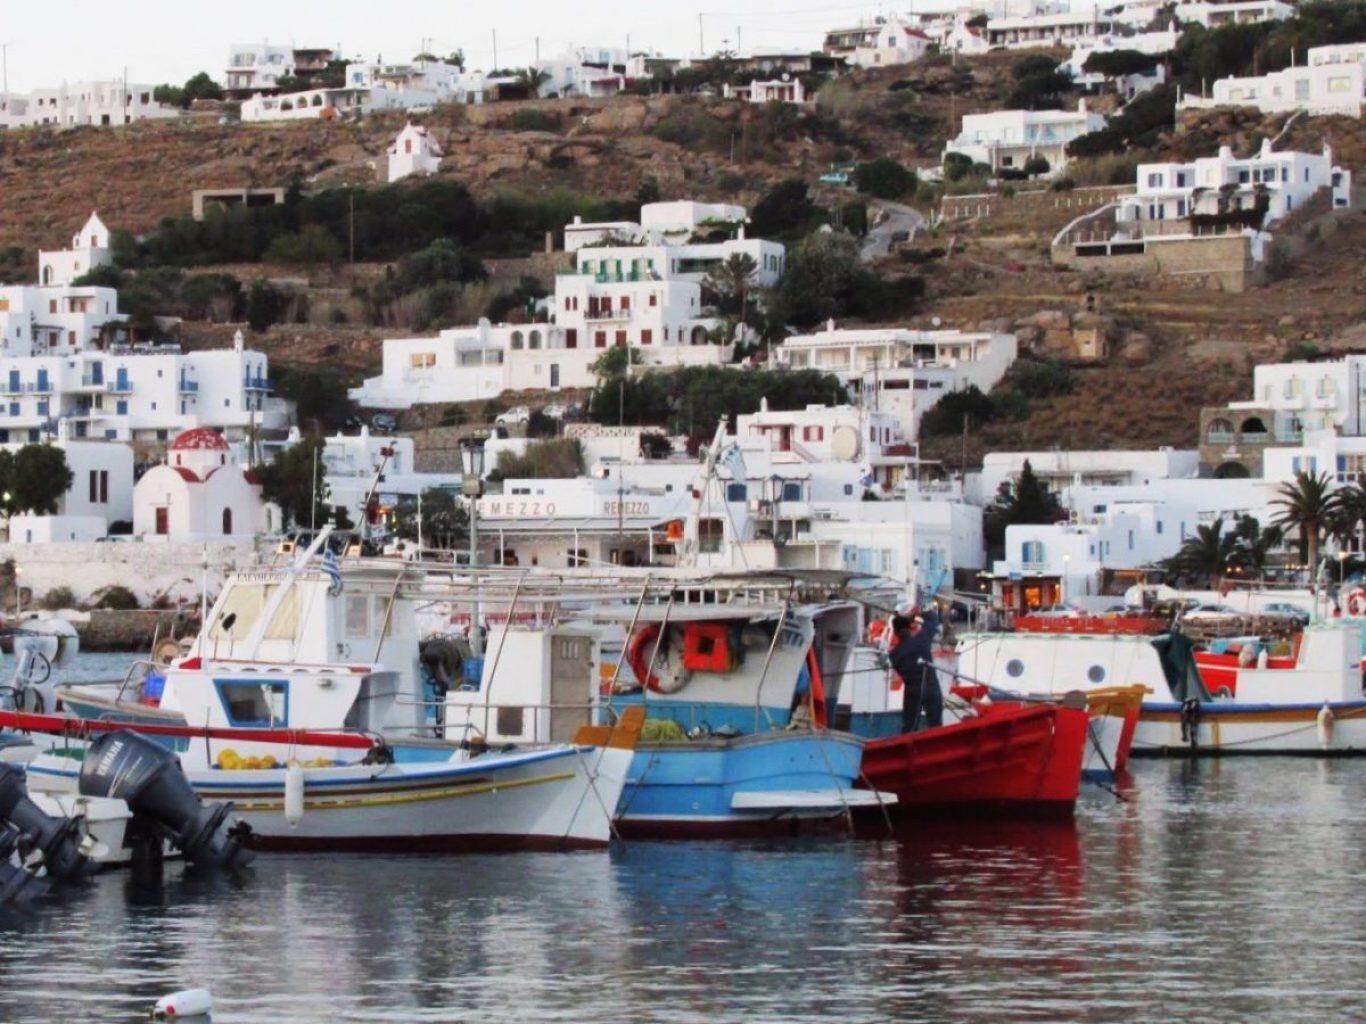 Boats docked in Mykonos